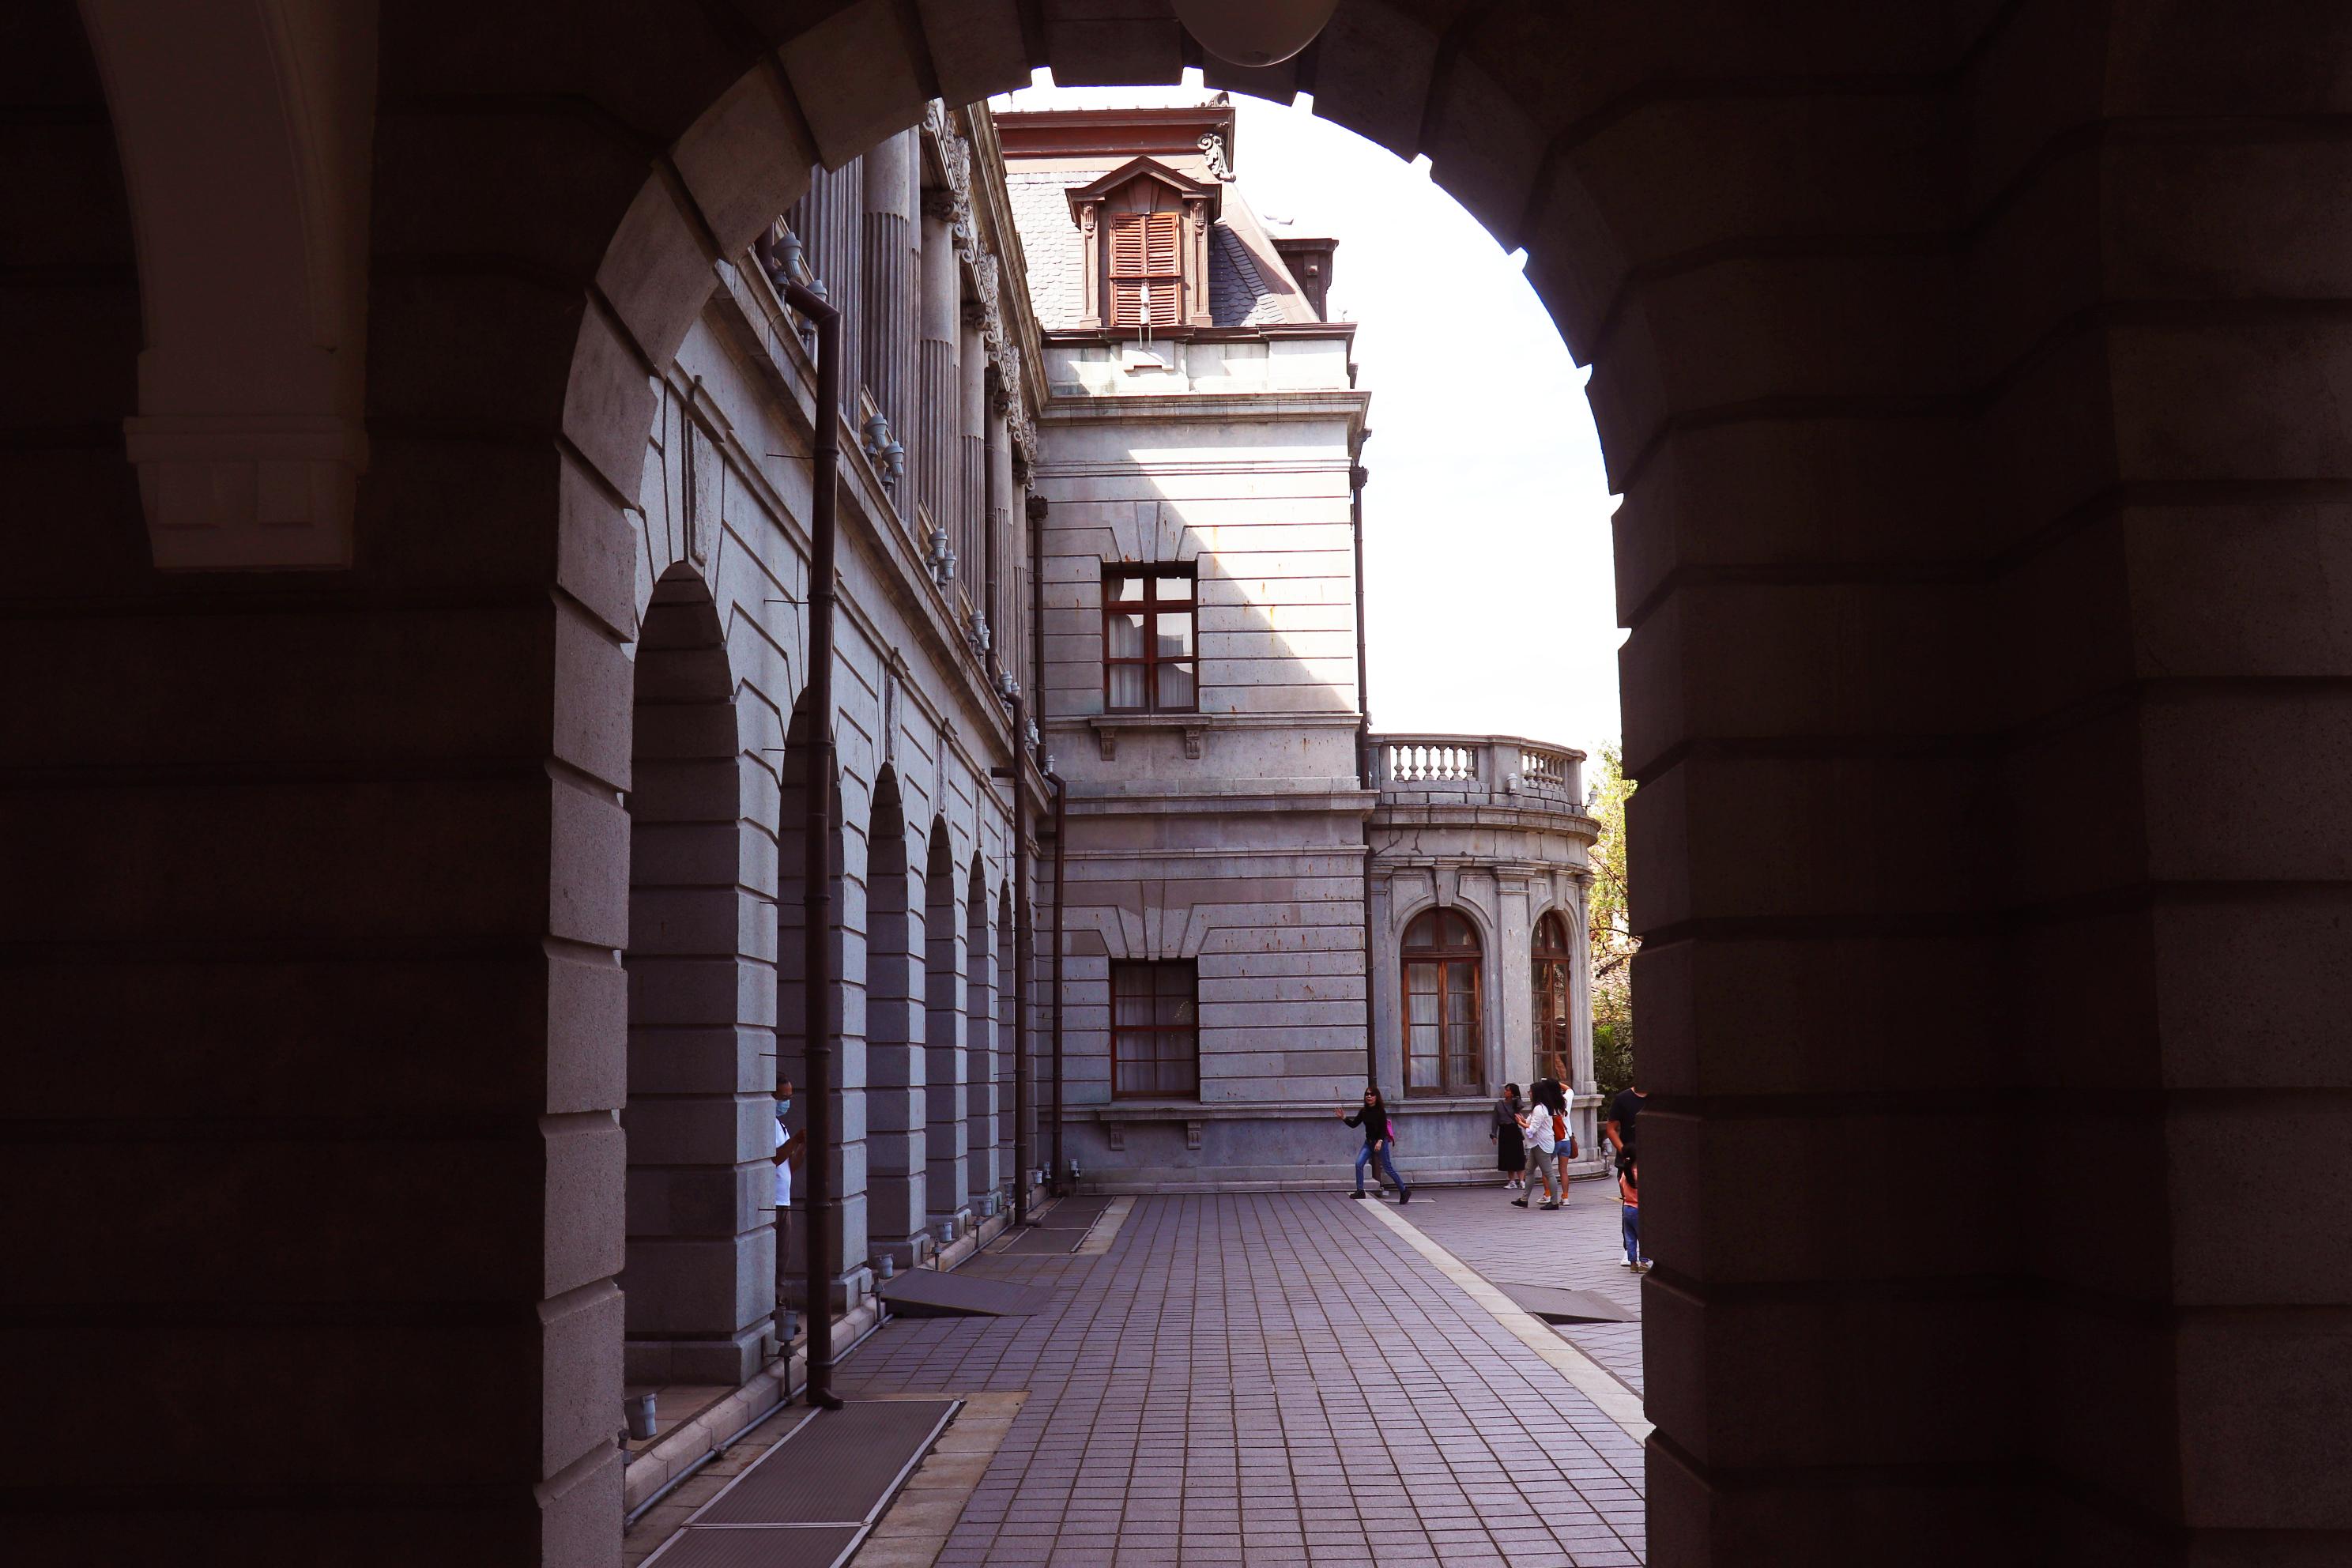 從側邊走廊往外看著後側建築。